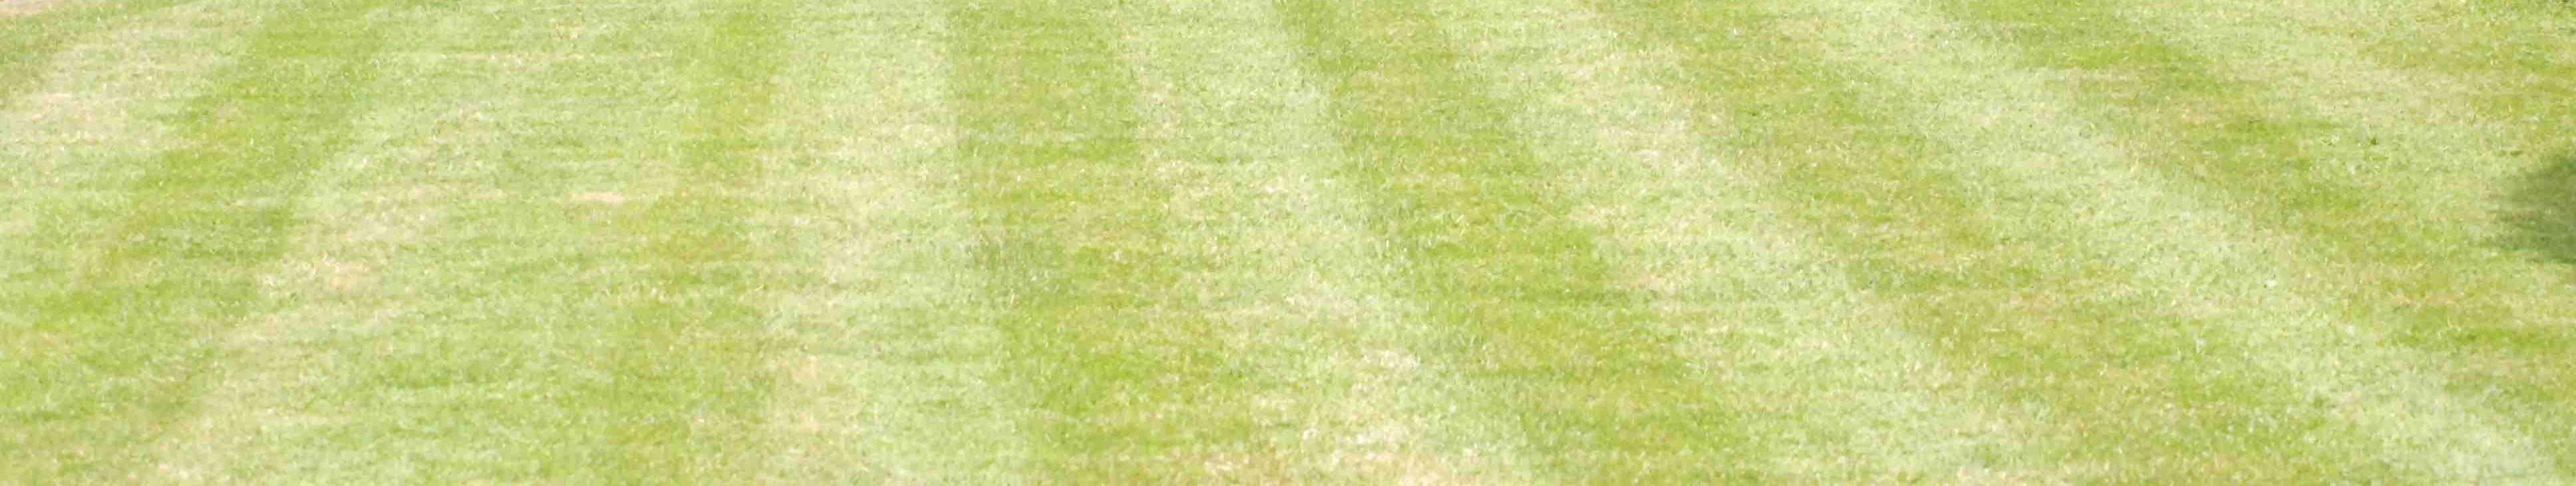 Rasen mit üblichem Streifenmuster.